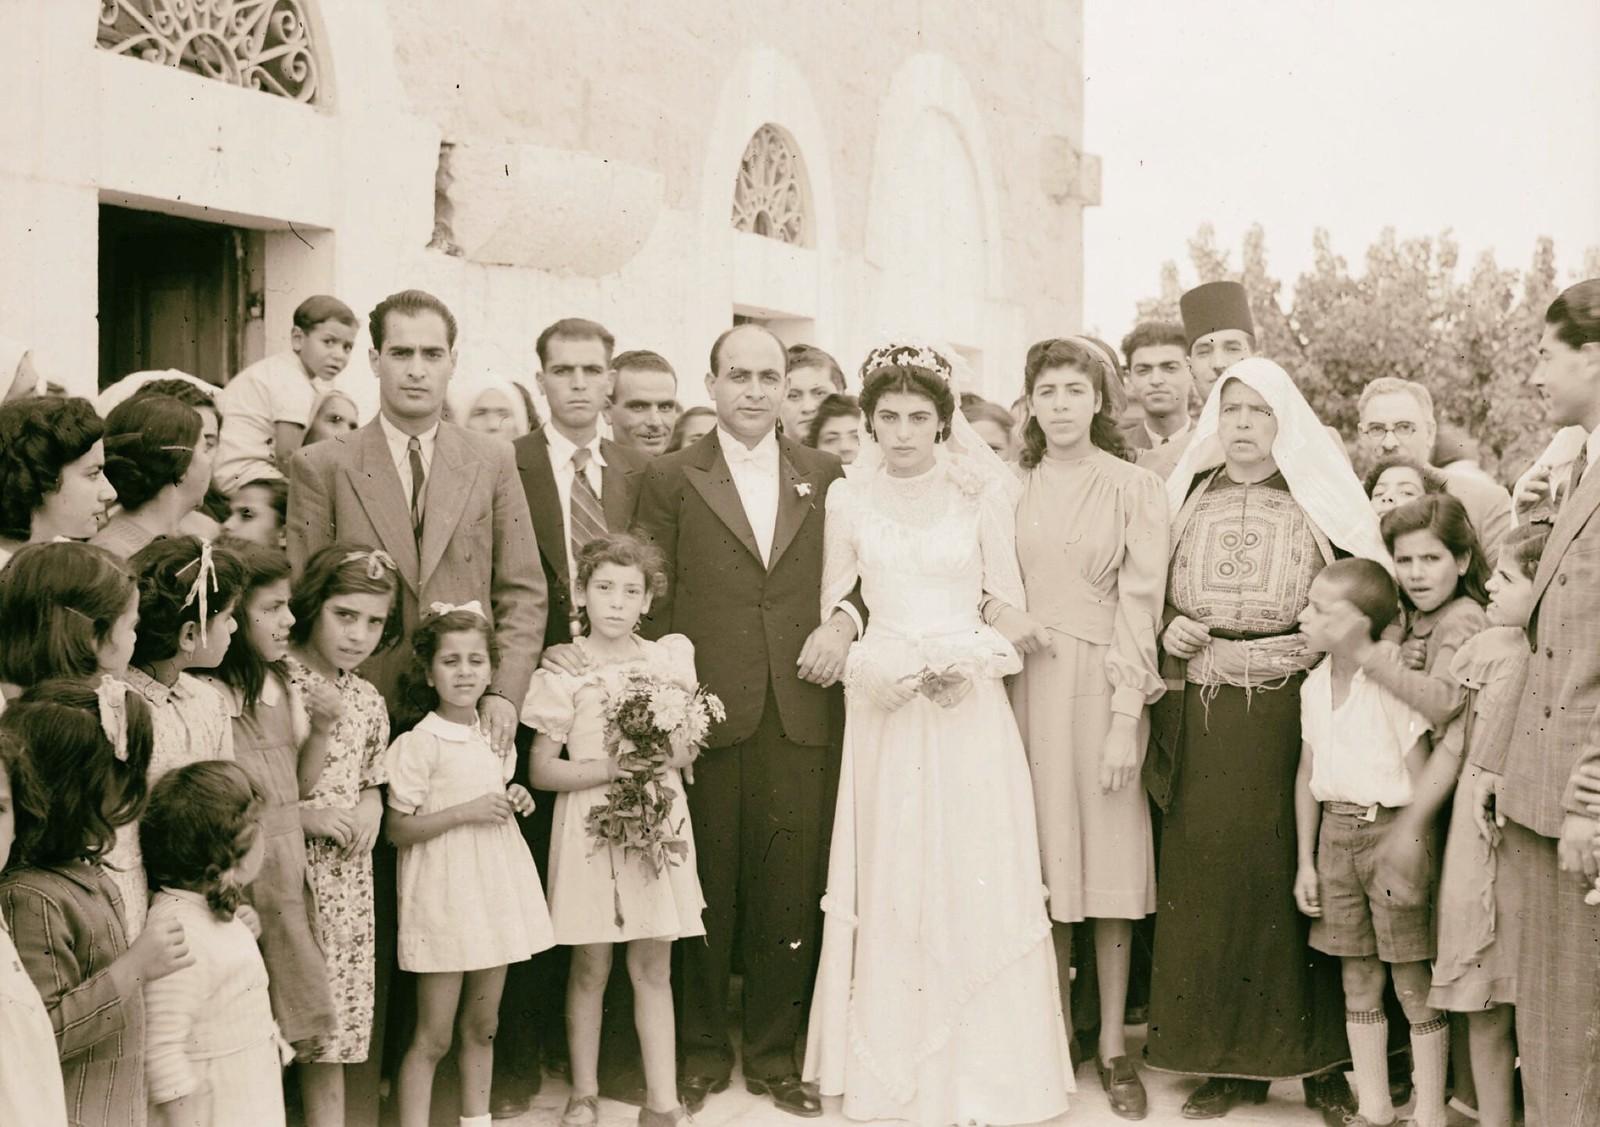 08. Свадьба г-на Аталлаха в Бейт-Джале